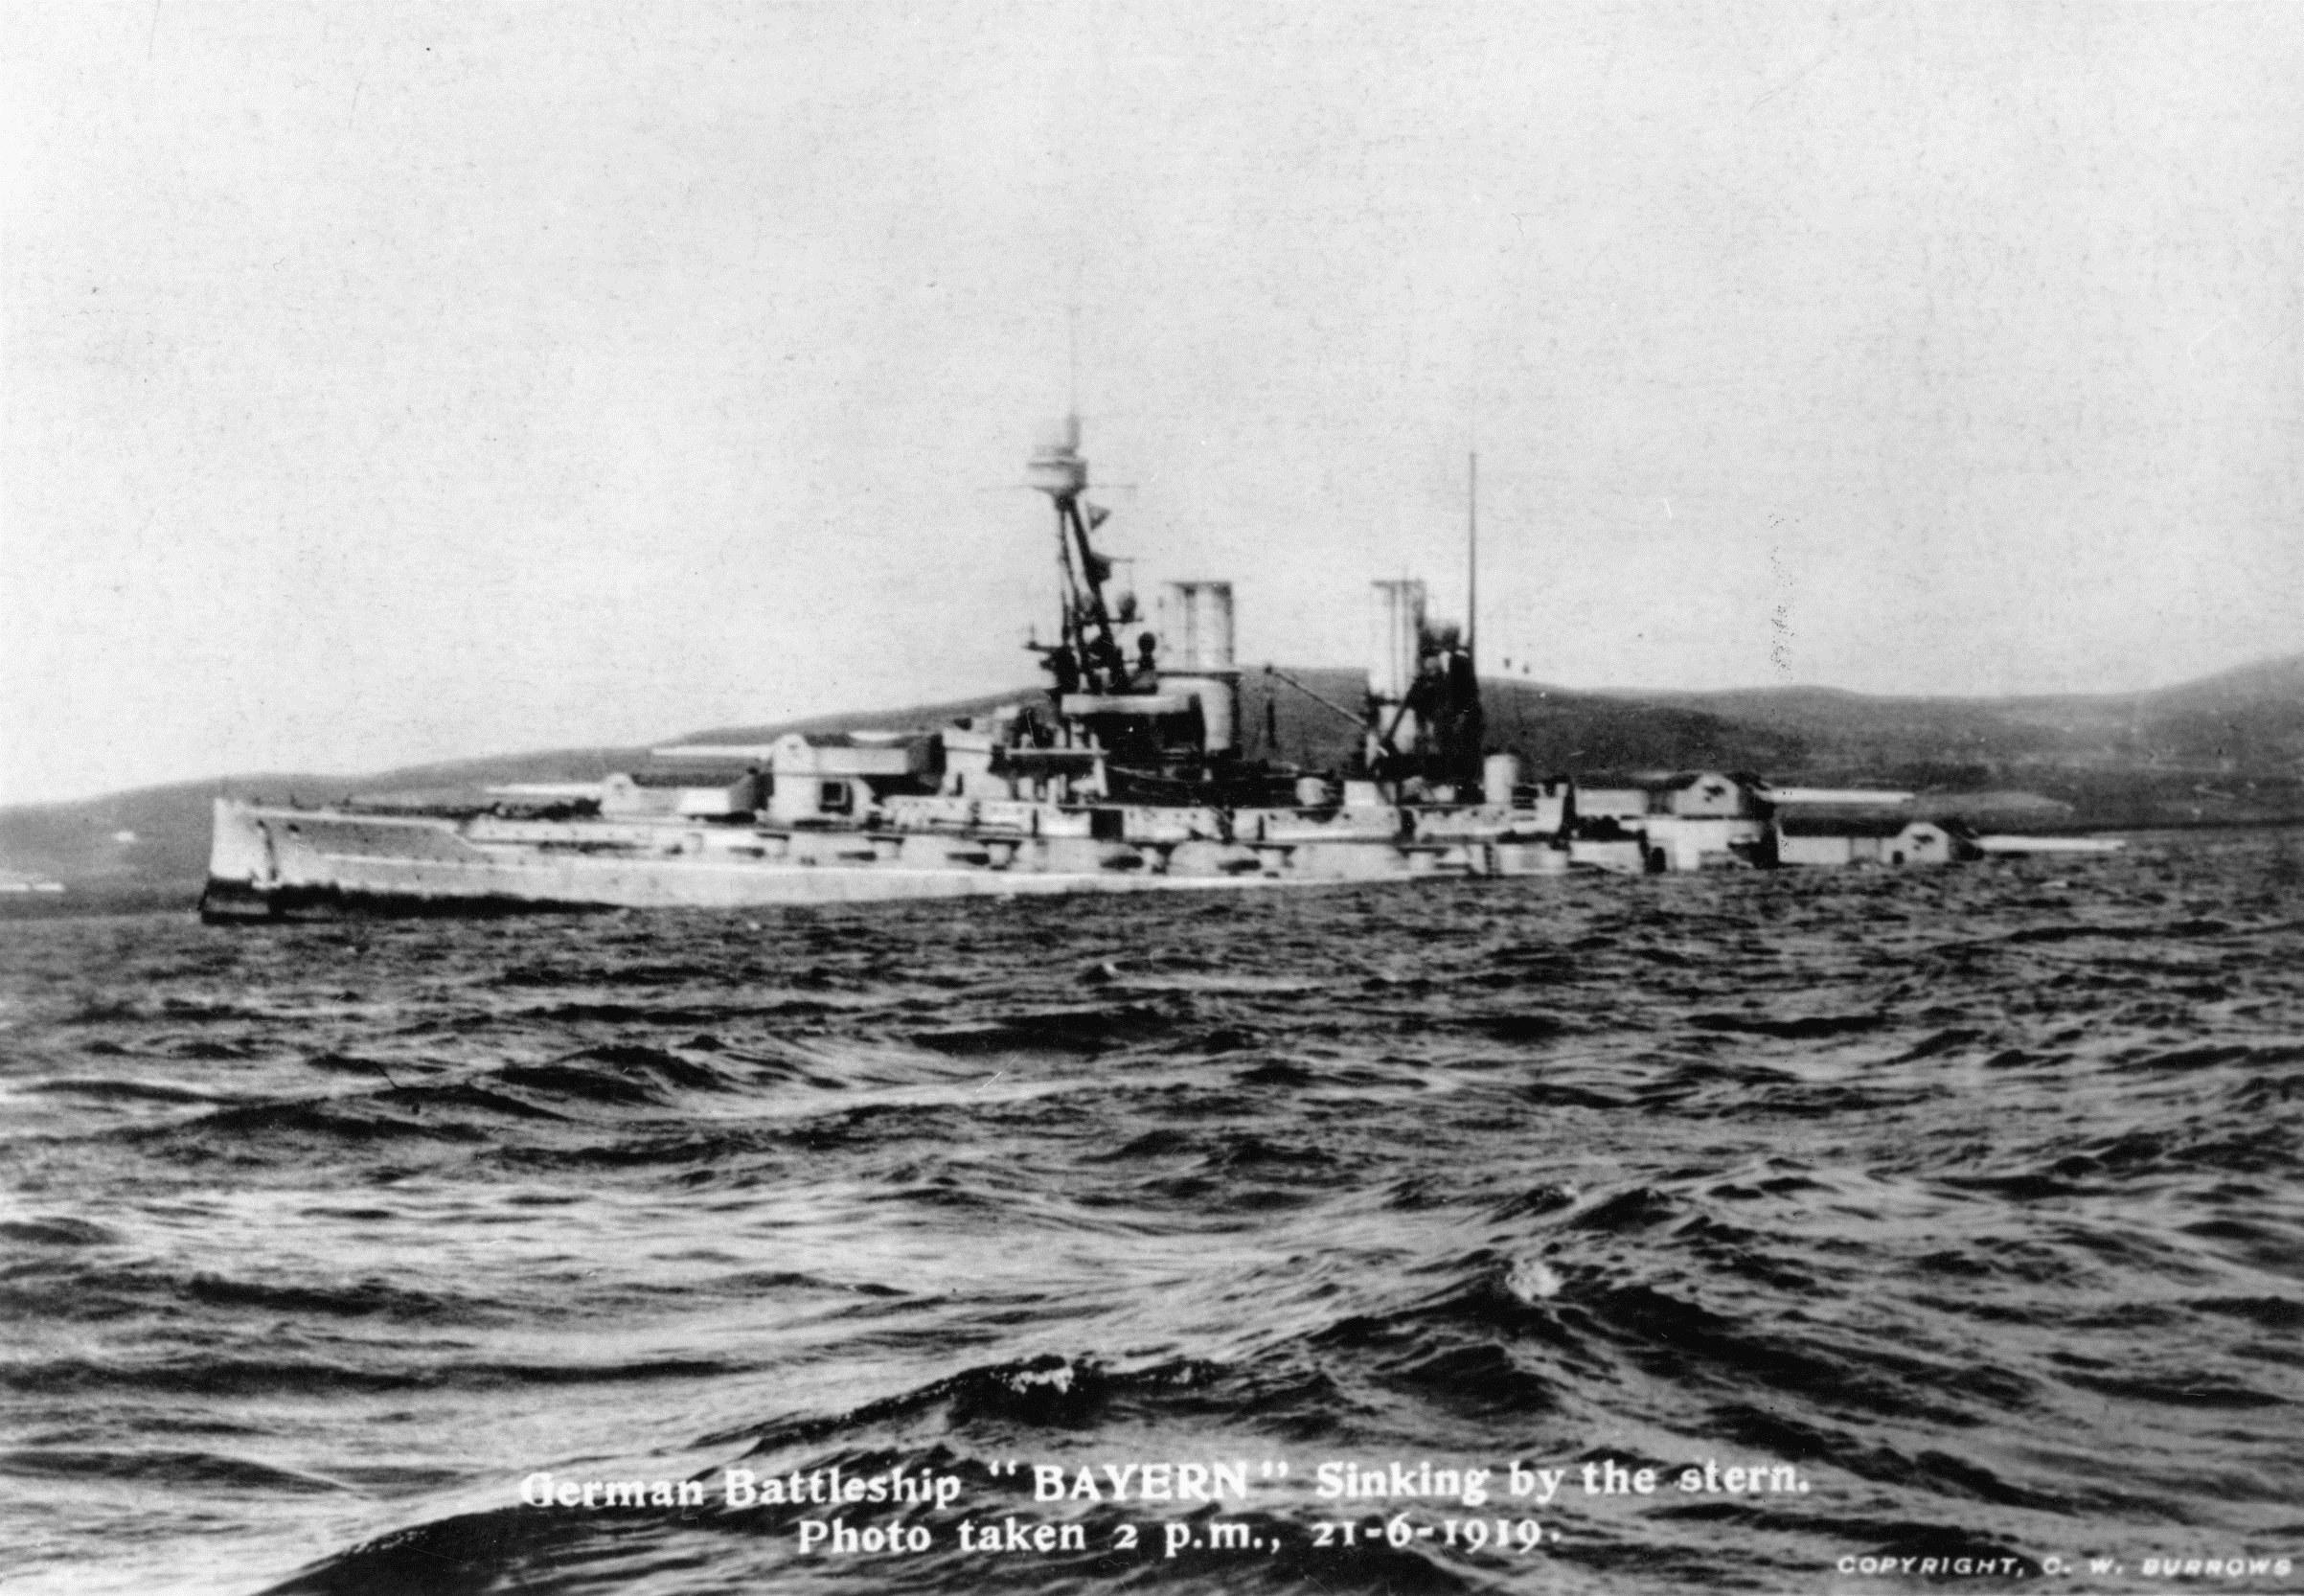 German Battleship Beyern sinking in the Orkney Islands' Scapa Flow, WWI scuttling of the High Seas Fleet